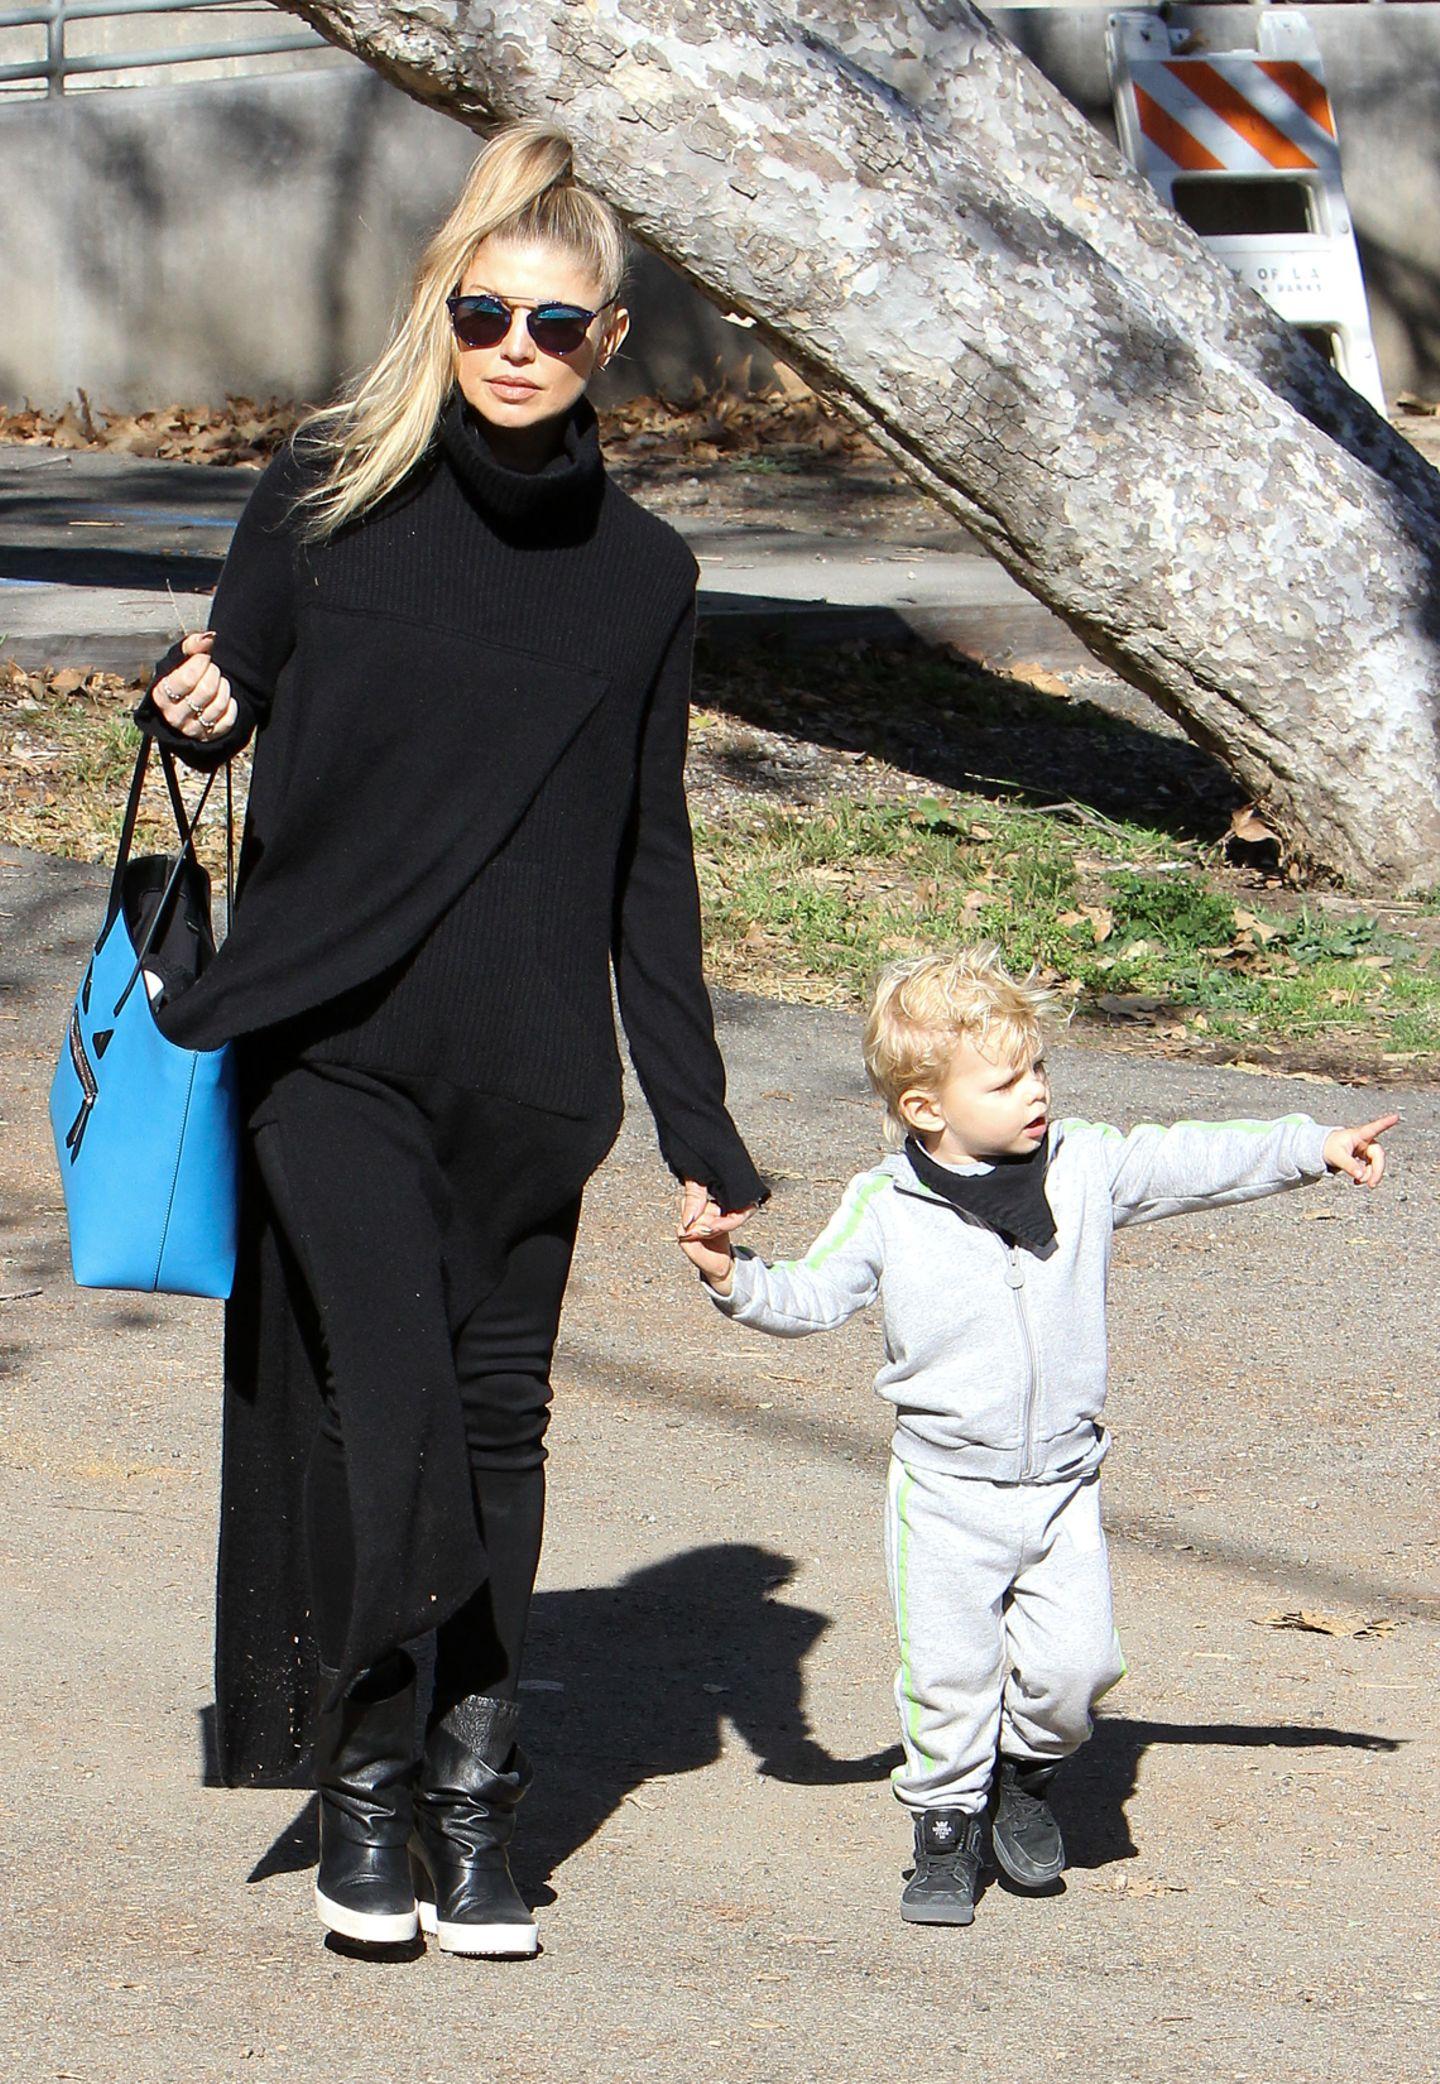 Fergie ist nicht nur eine super lässige Mama, sondern noch dazu eine wahnsinnig modische. Der komplett schwarze Kuschel-Looks wird durch den blauen Shopper erfolgreich aufgepeppt.